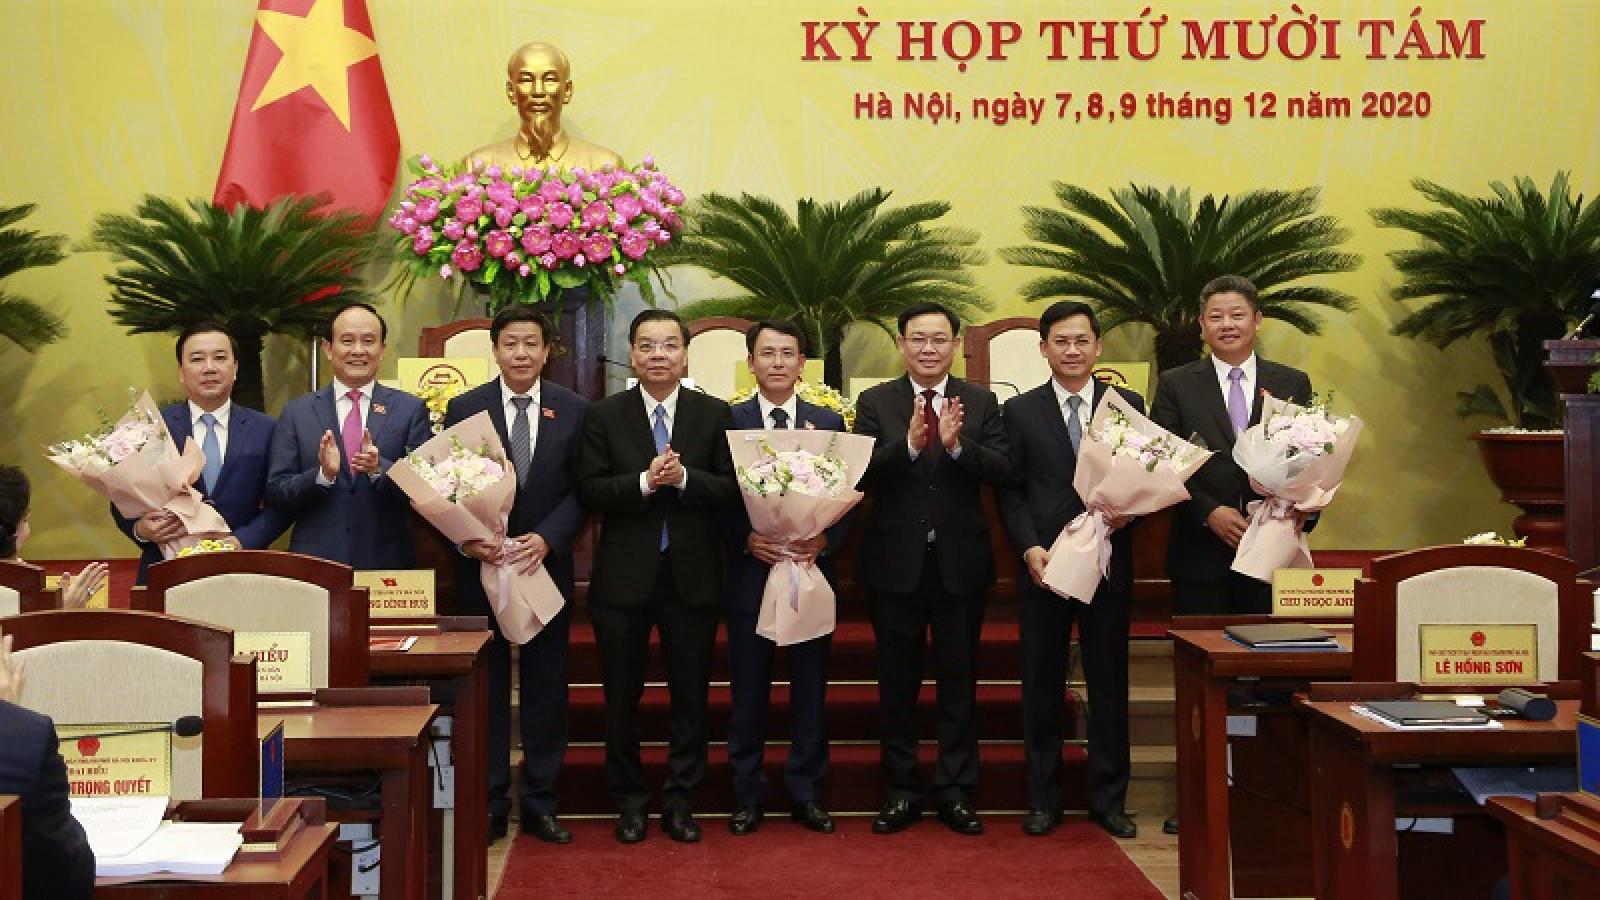 Thủ tướng phê chuẩn 5 Phó Chủ tịchHà Nội